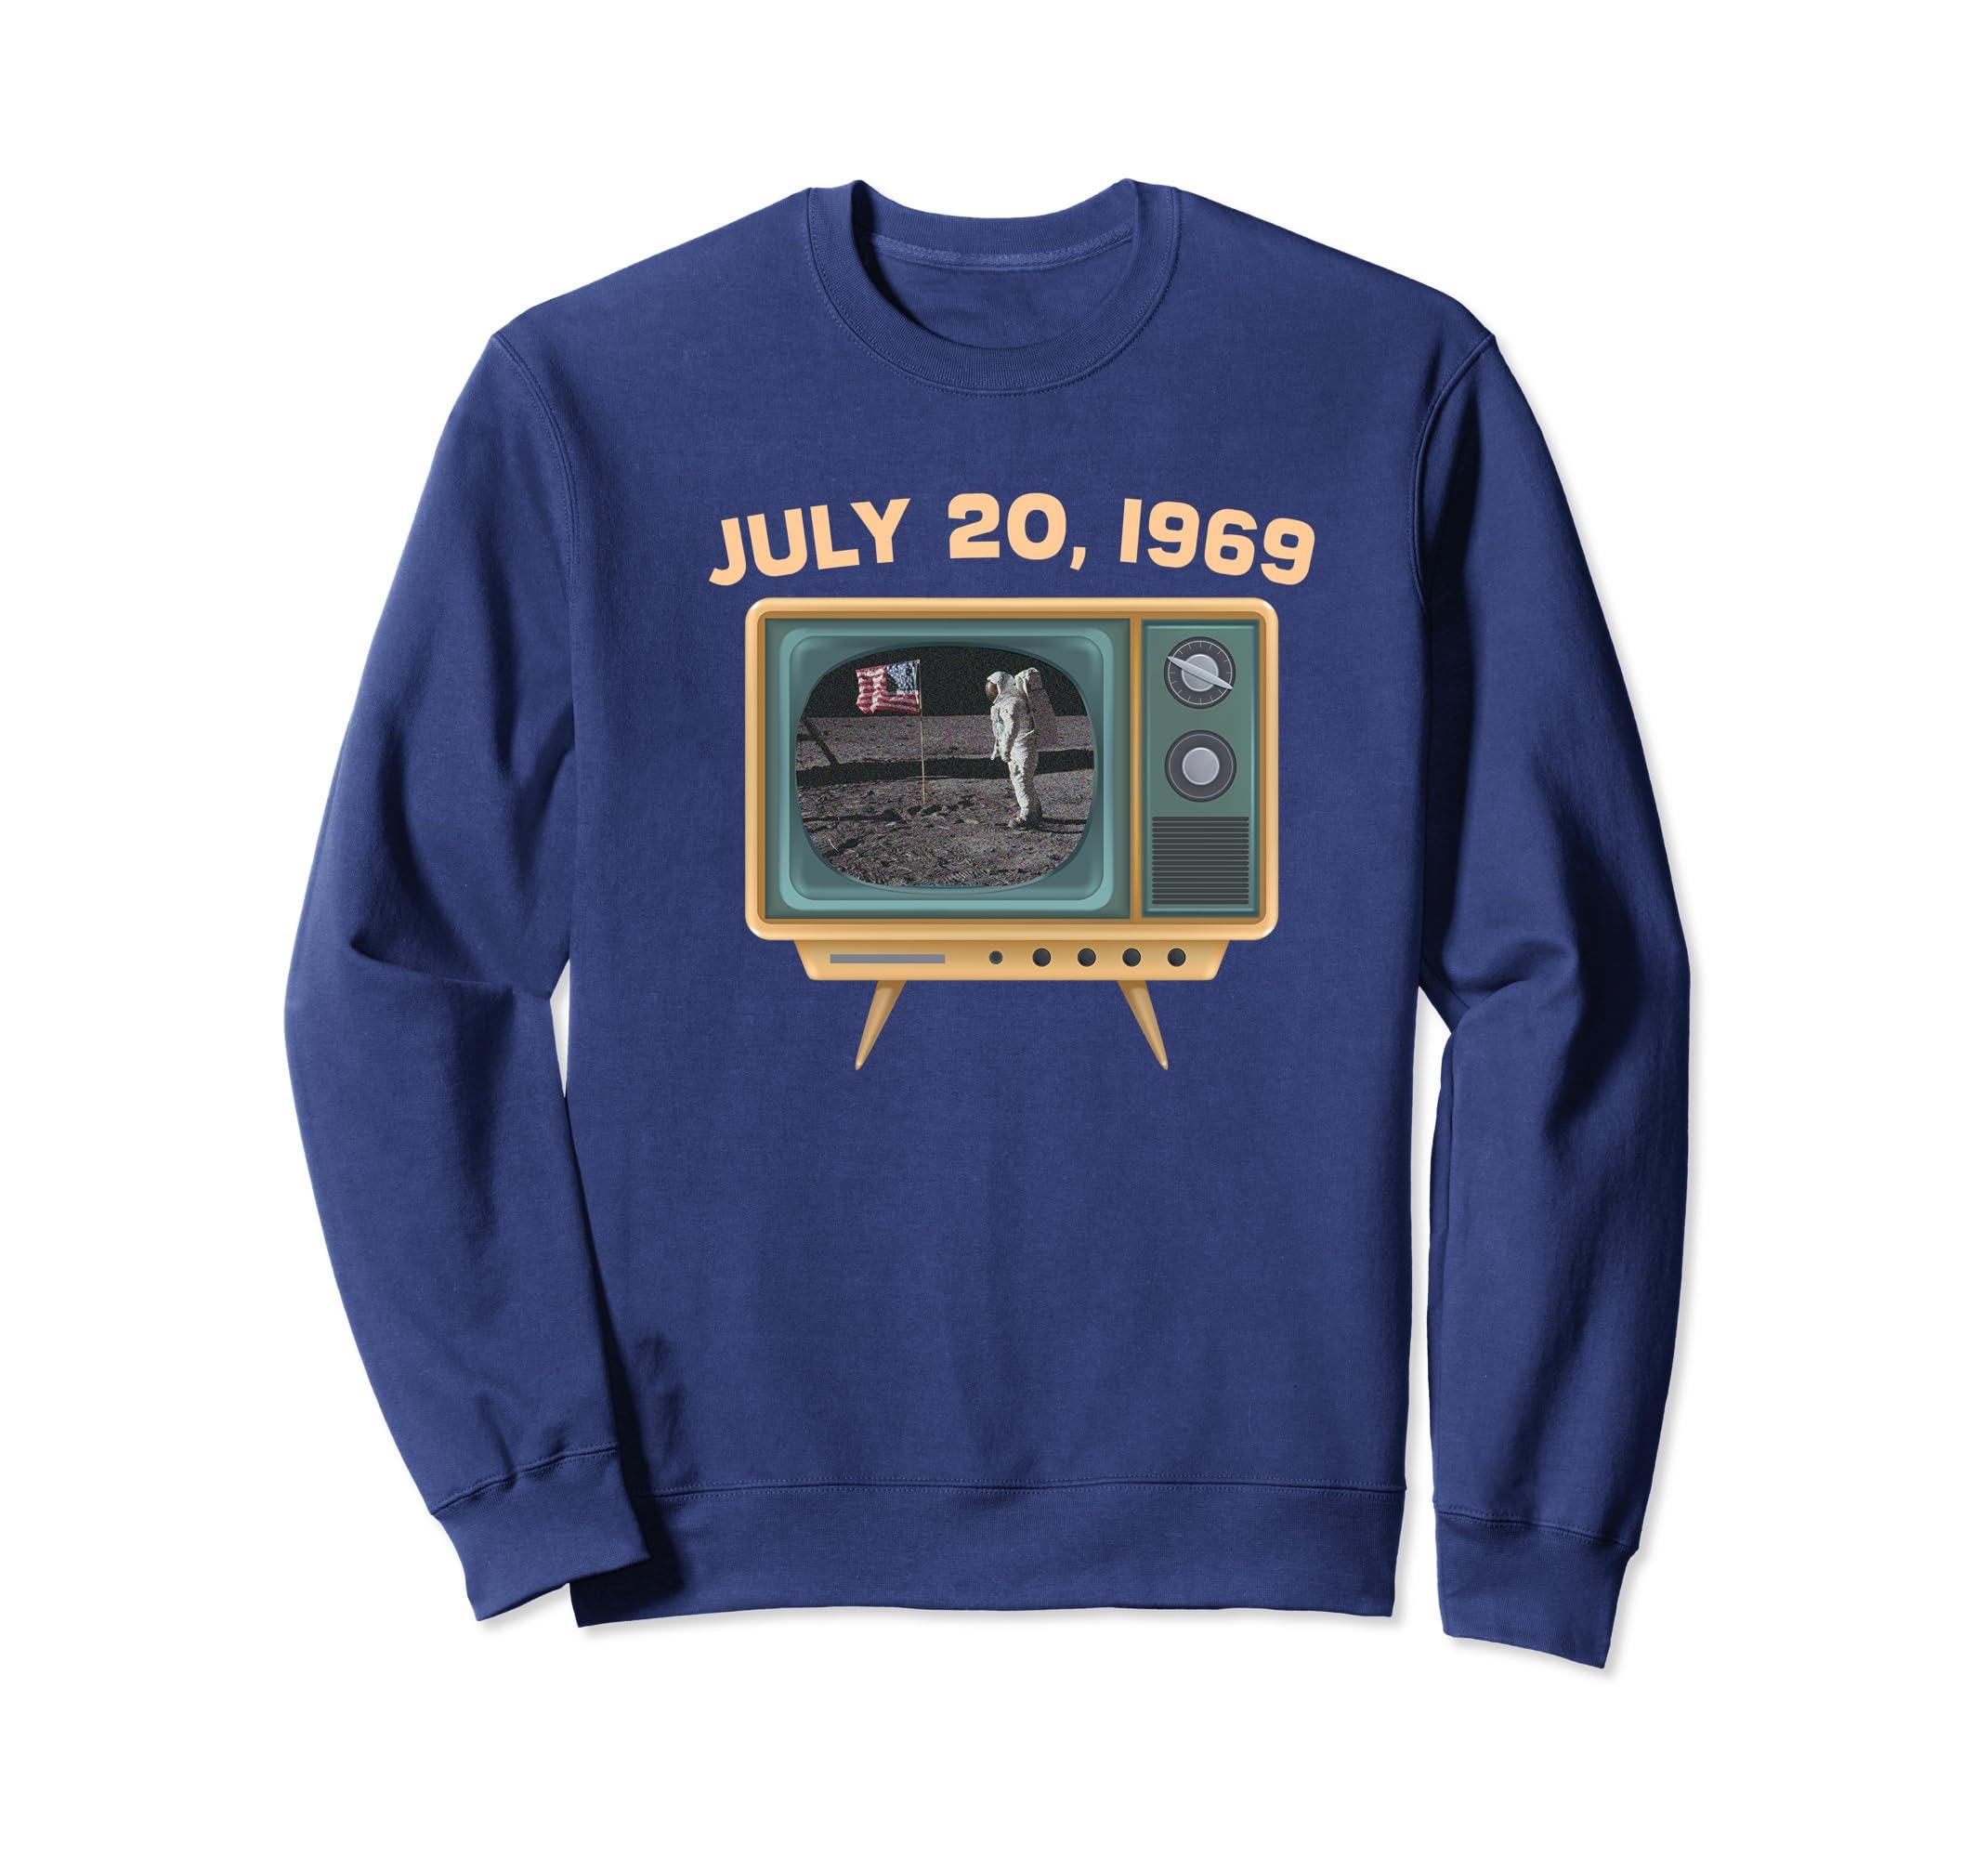 1969 Vintage Look Moon Landing Sweatshirt Old TV set-SFL